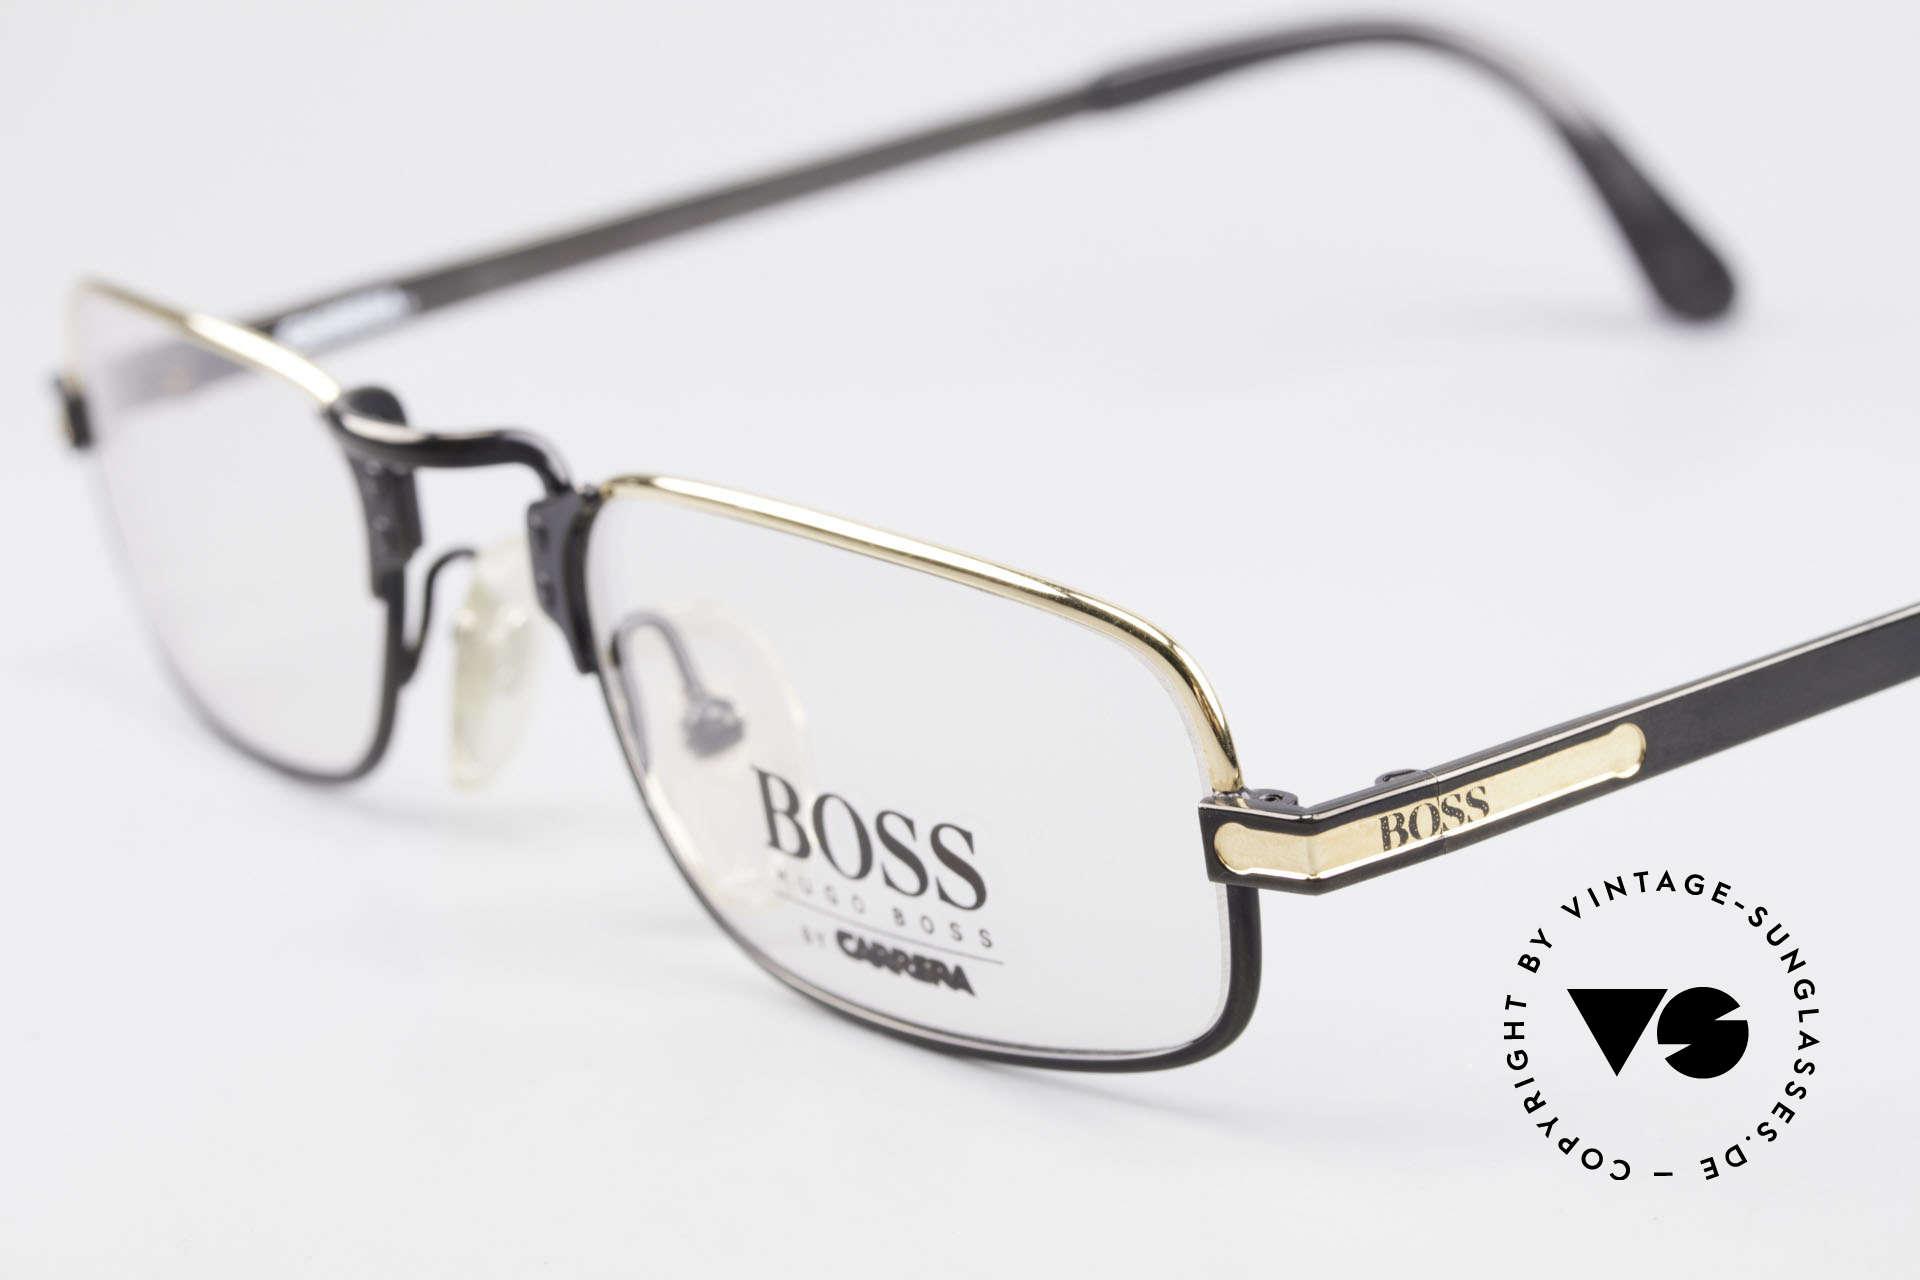 BOSS 5100 Classic Men's Reading Glasses, never worn (like all our rare vintage 90's frames), Made for Men